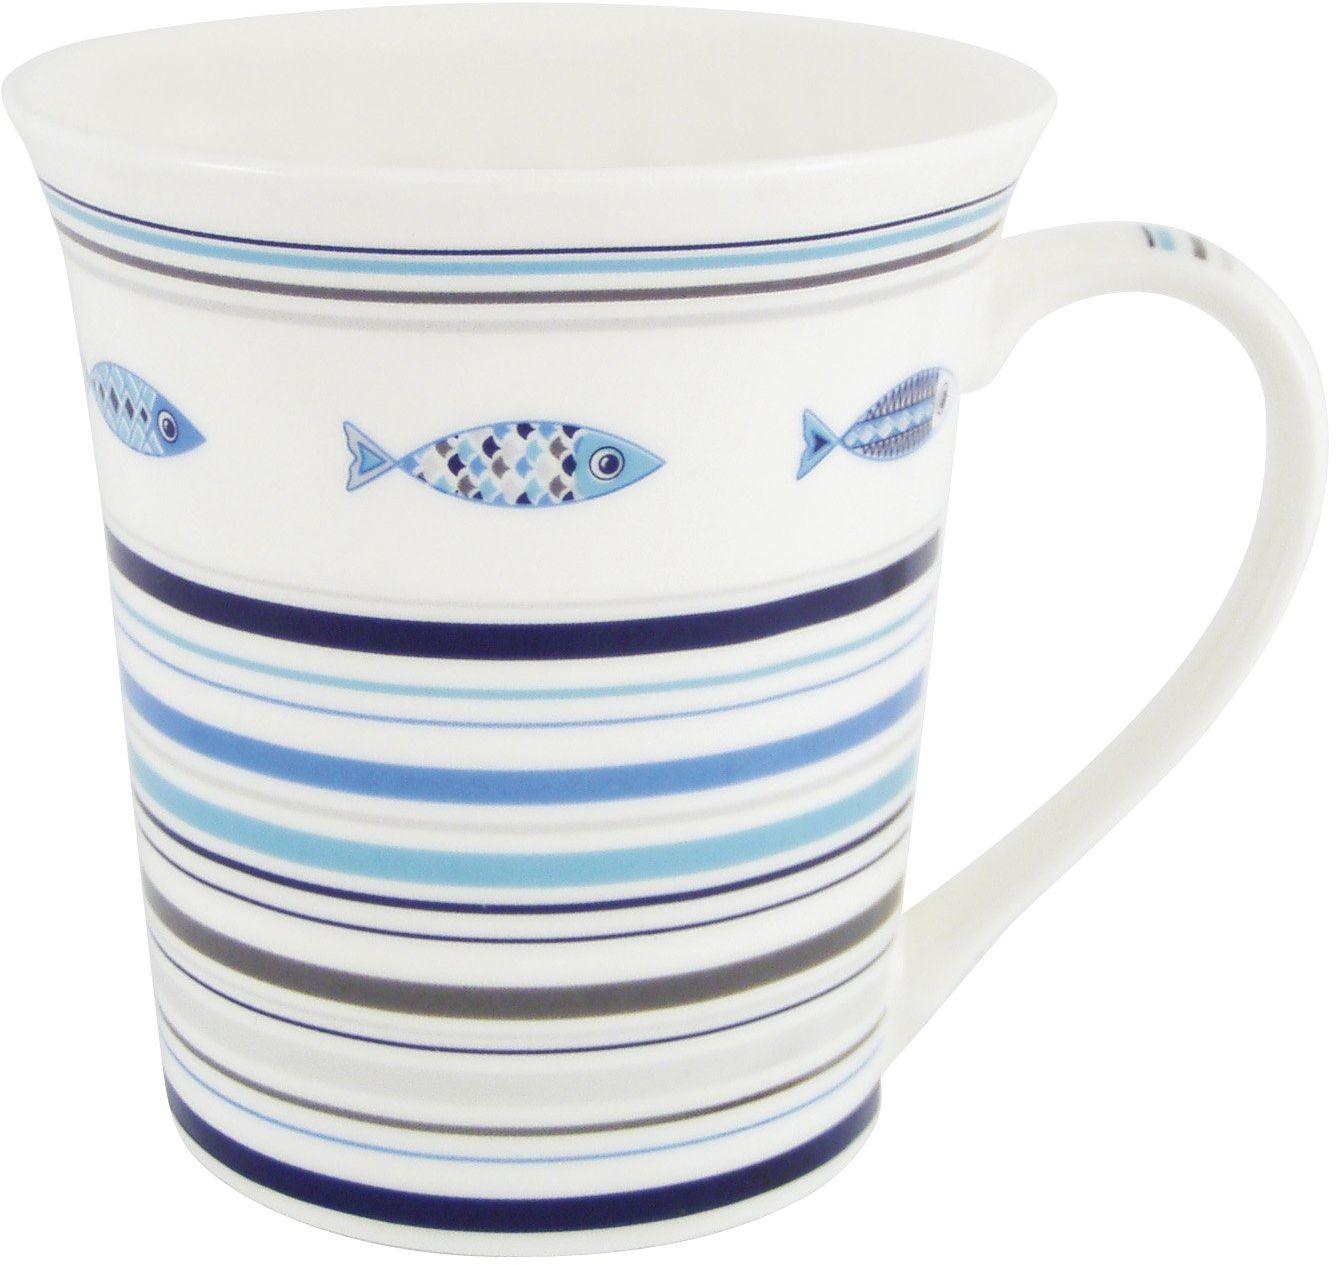 Générique 3007 filiżanka śledzie w jednym etui, porcelana, wys. 10 x śr. 9 cm, ceramika, niebieska, biała, 14 x 11 x 10 cm